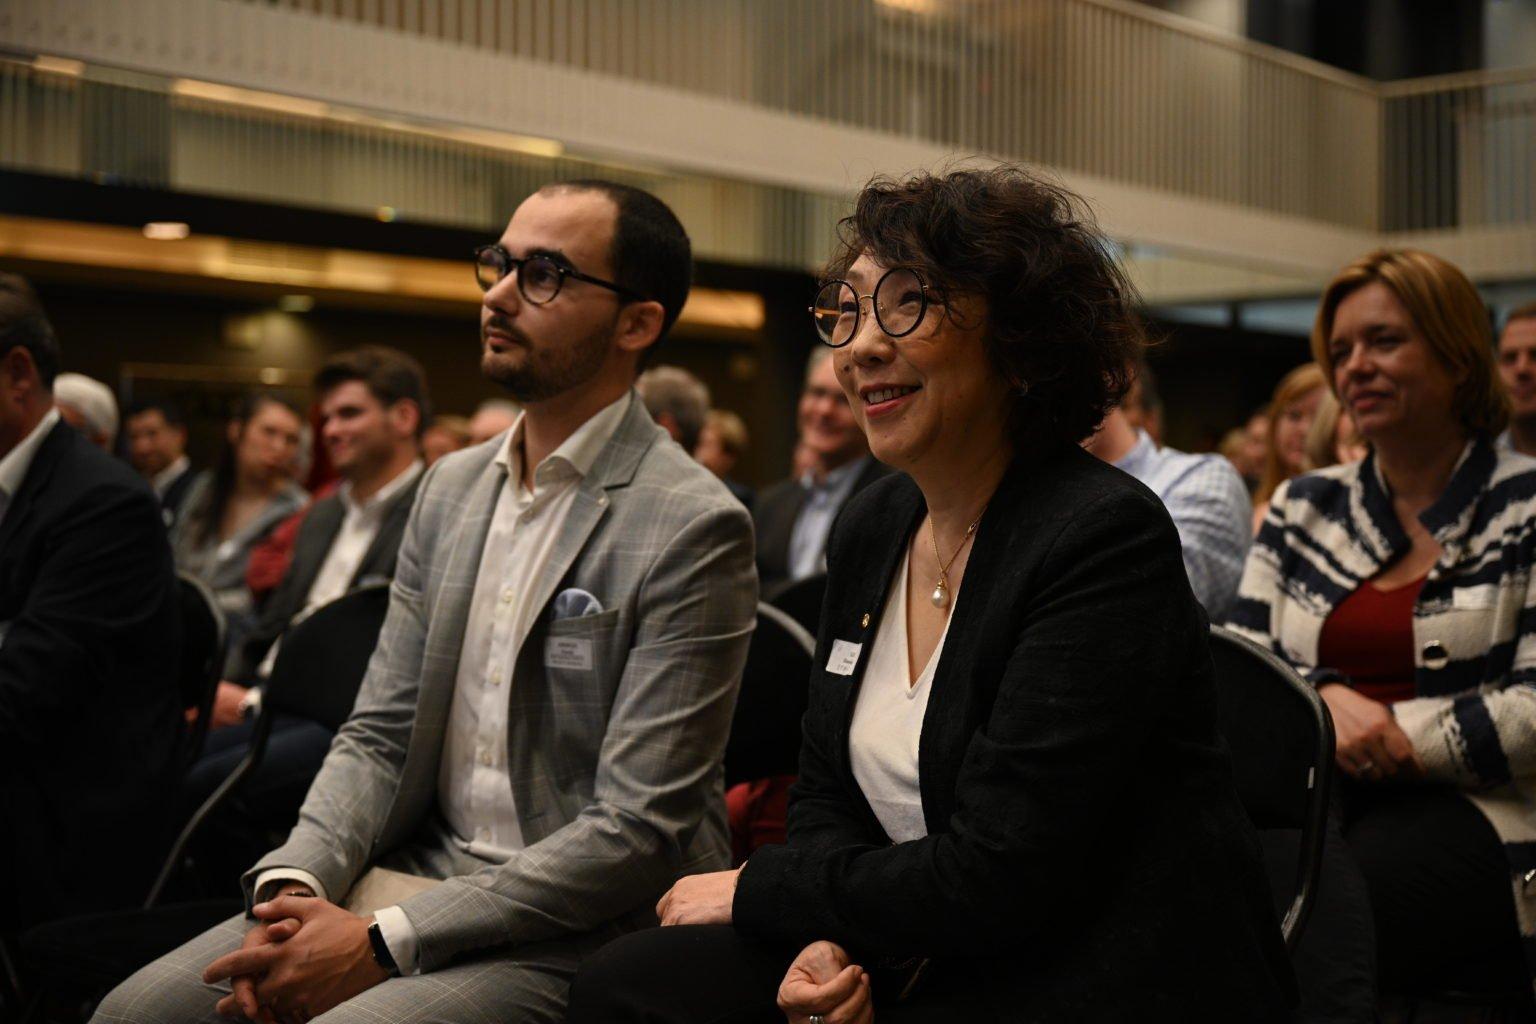 Mr Abergele et Mme Ninane (Rotary), Conférence à propos du CBTC, par le Rotary Club de Louvain-La-Neuve